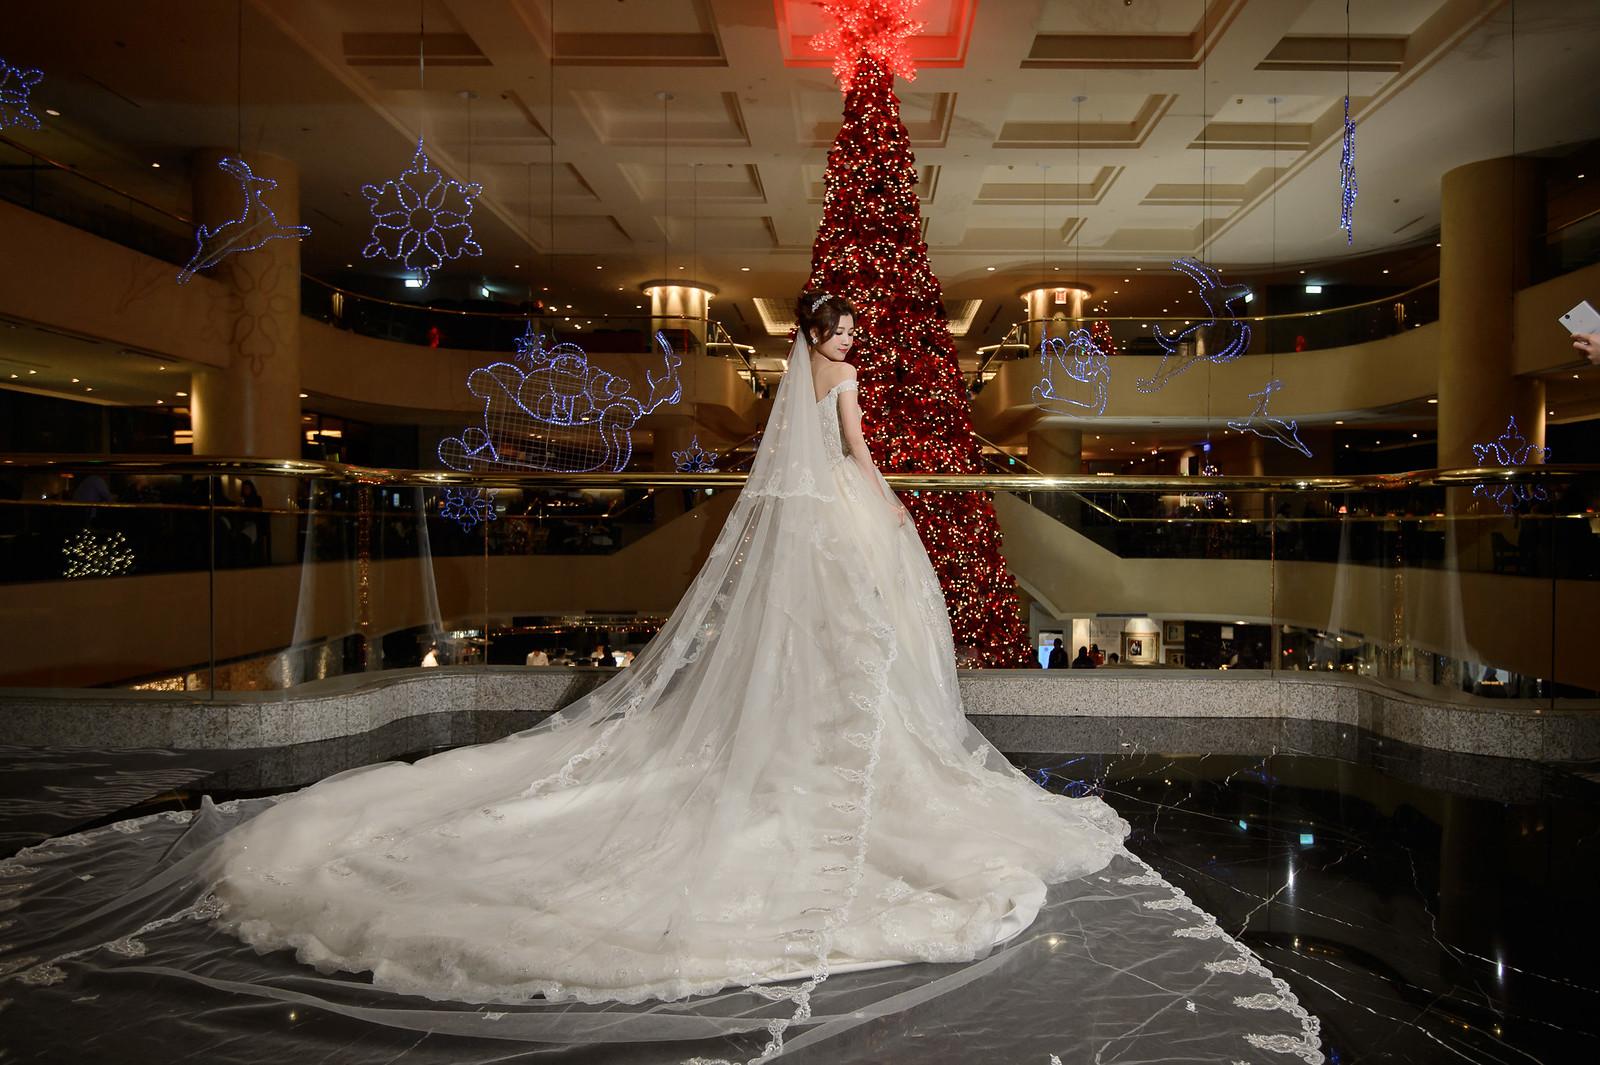 台北婚攝, 婚禮攝影, 婚攝, 婚攝守恆, 婚攝推薦, 晶華酒店, 晶華酒店婚宴, 晶華酒店婚攝-83